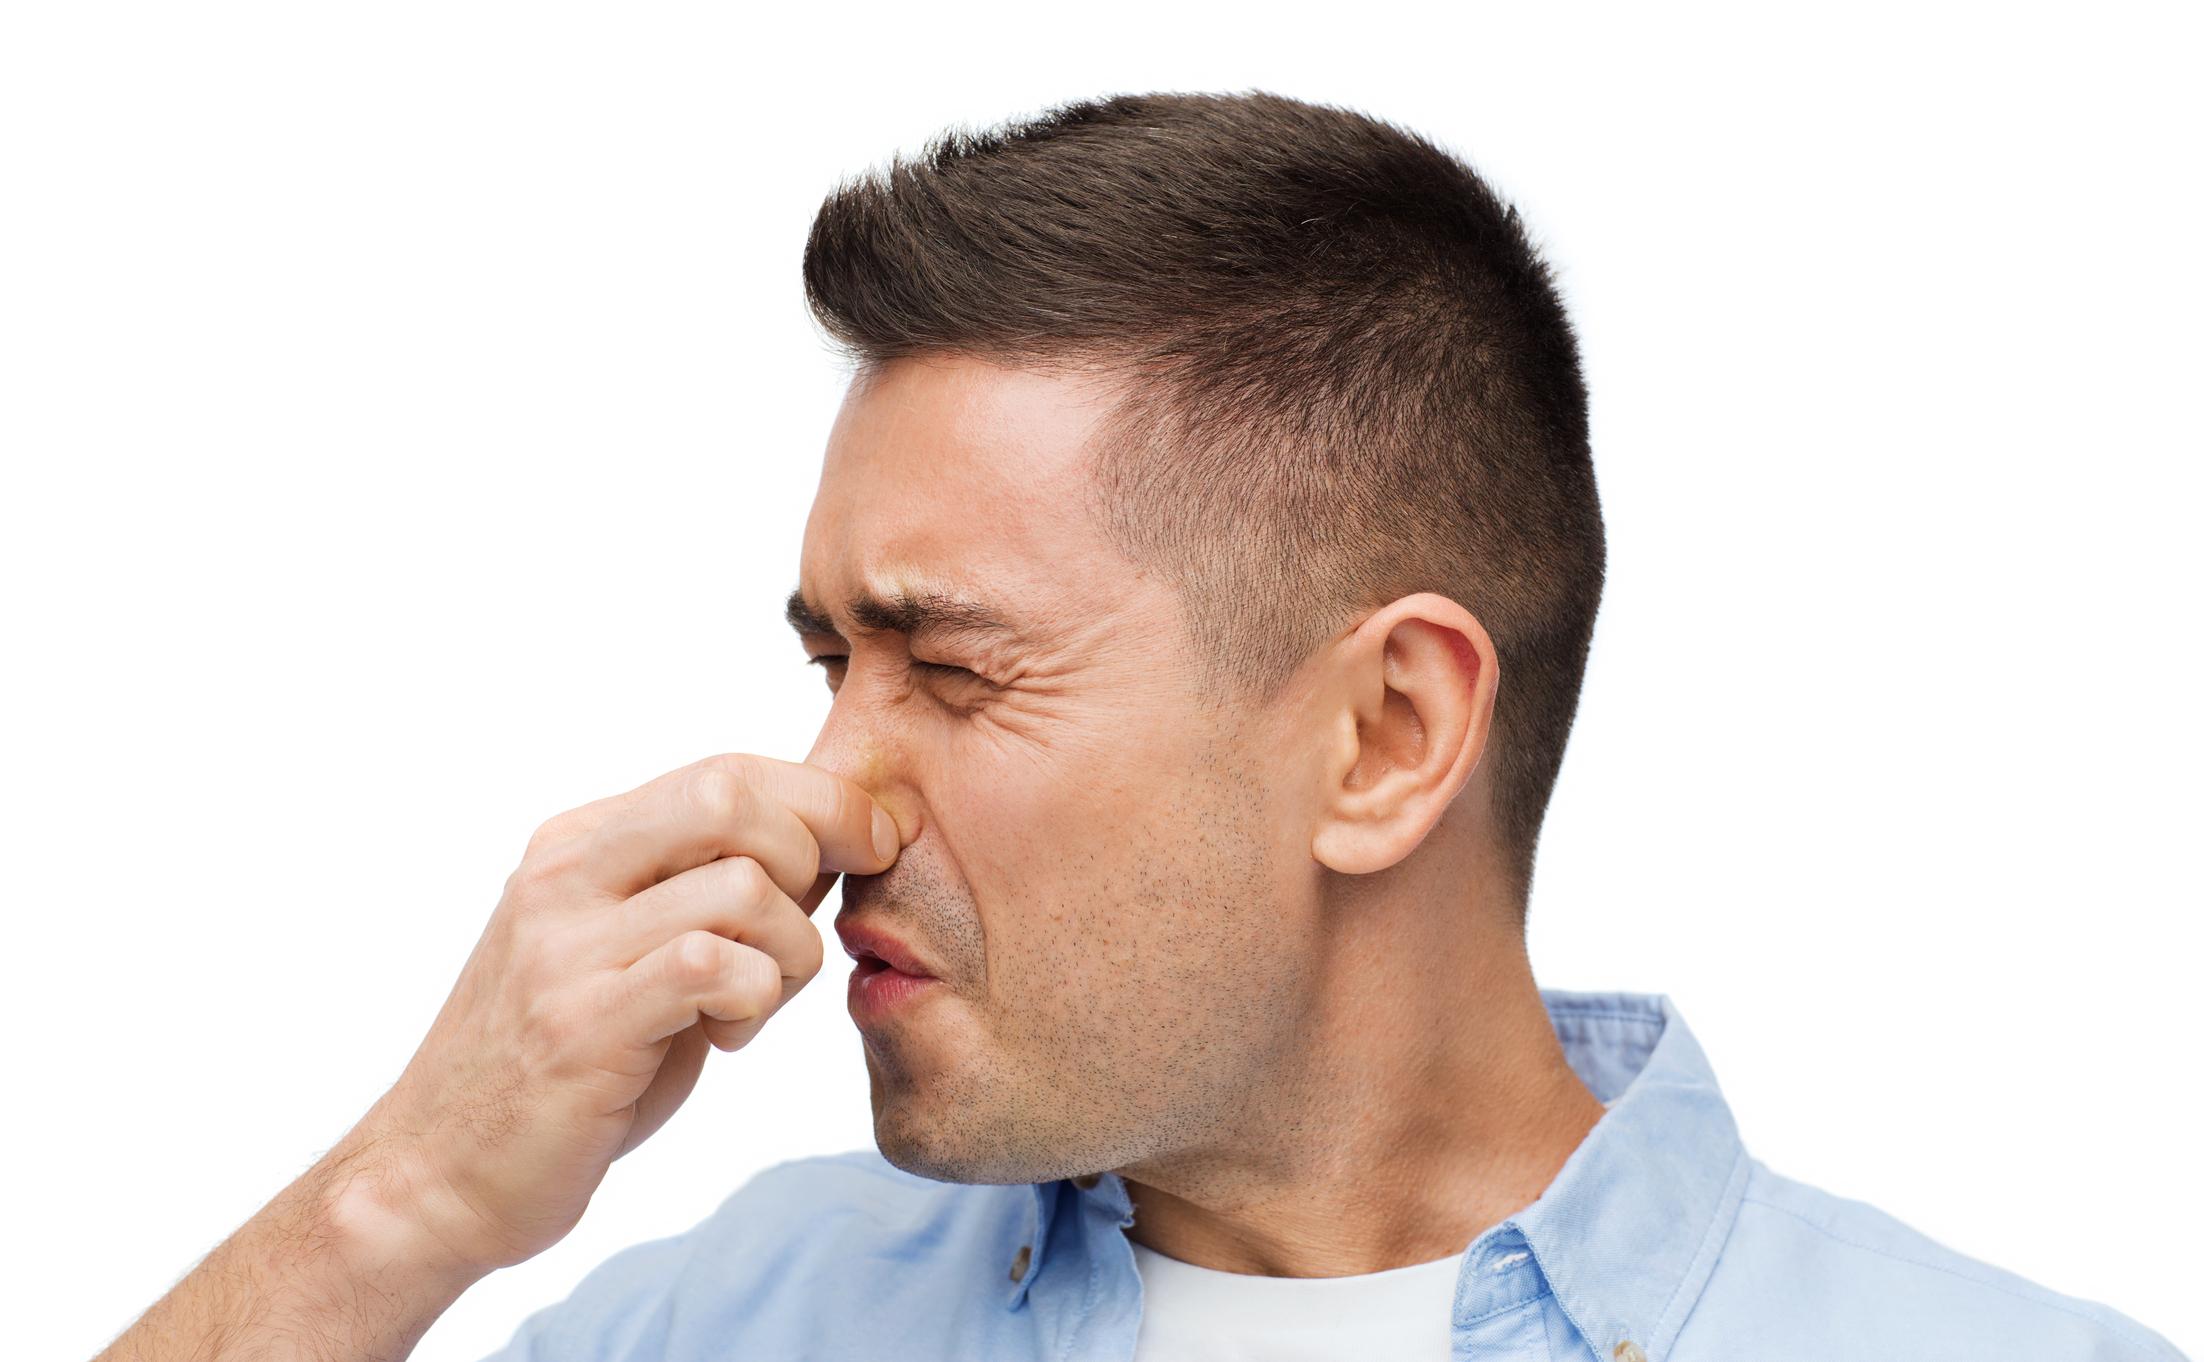 Komoly buké az alsógatyában: ez az oka, ha a pénisznek irtózatos szaga van!